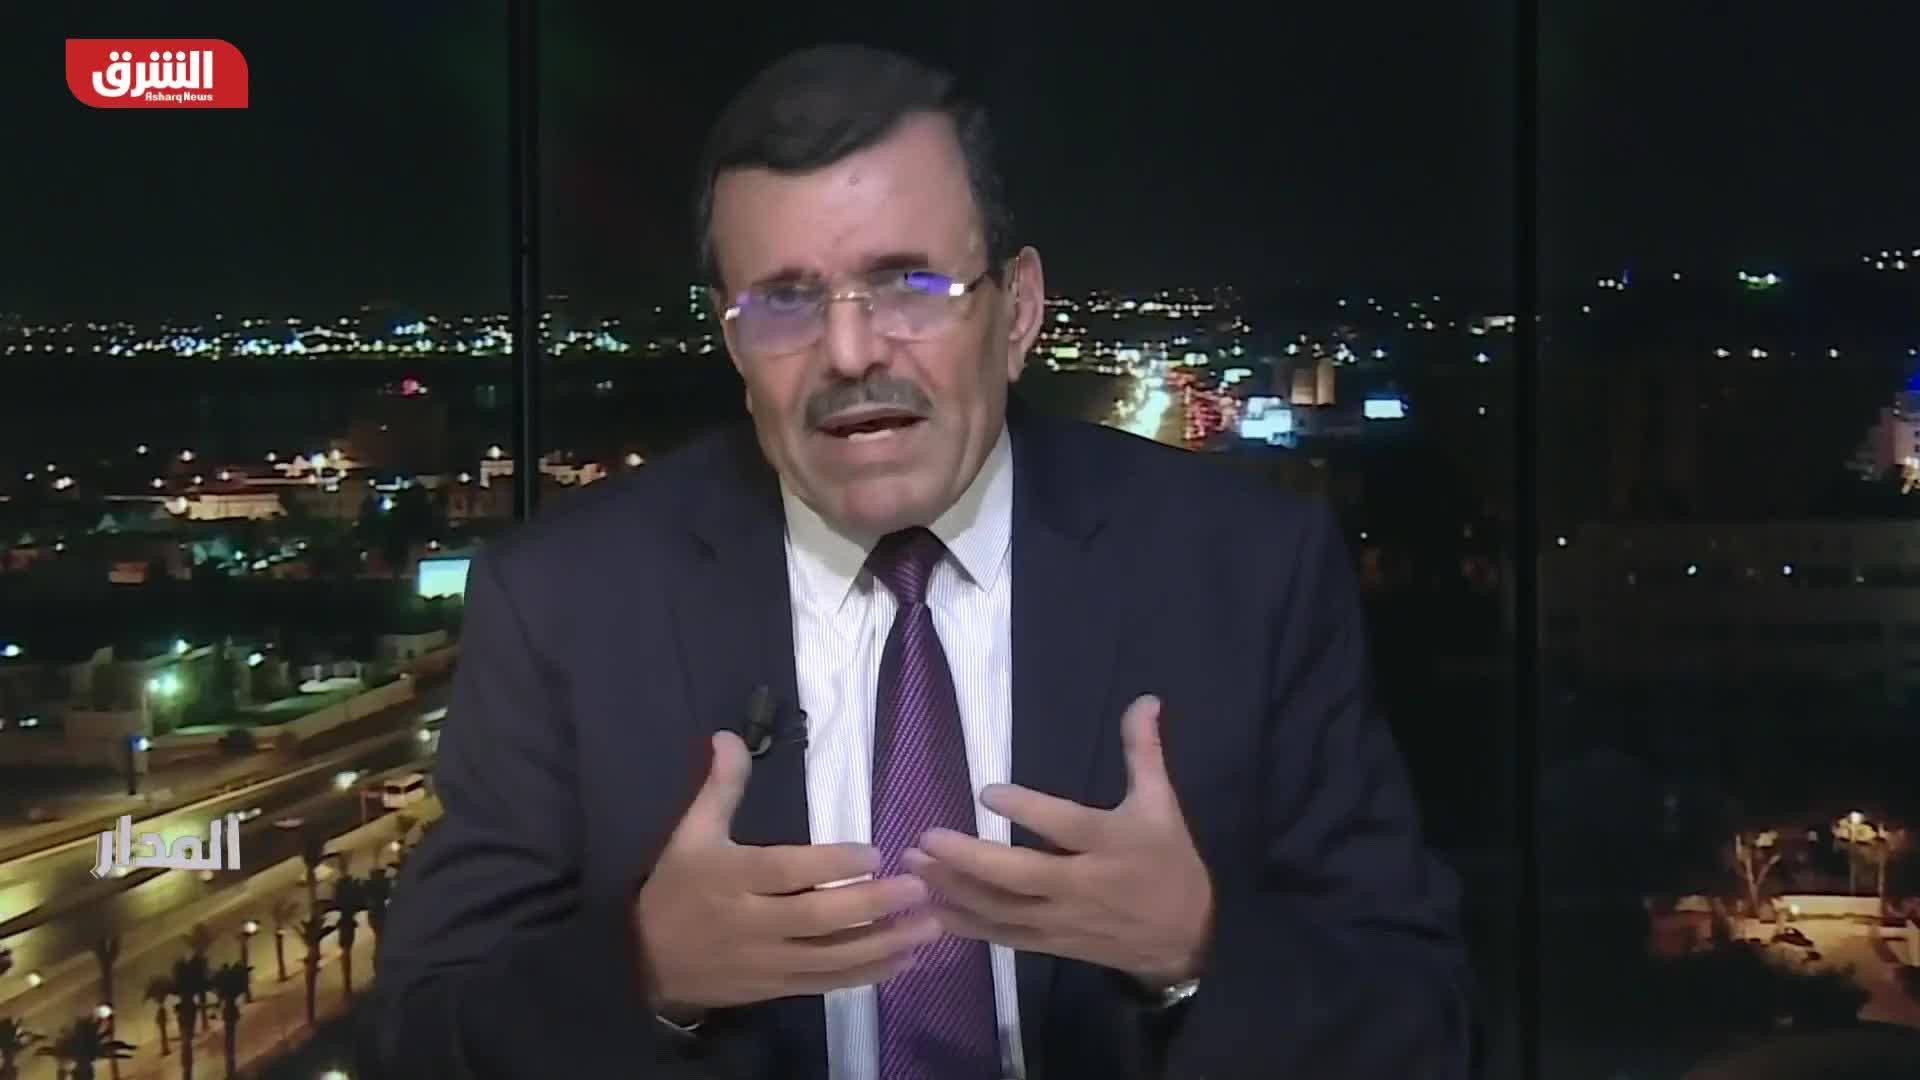 العريض: لا علاقة للنهضة بقتل شكري بلعيد ومحمد البراهمة